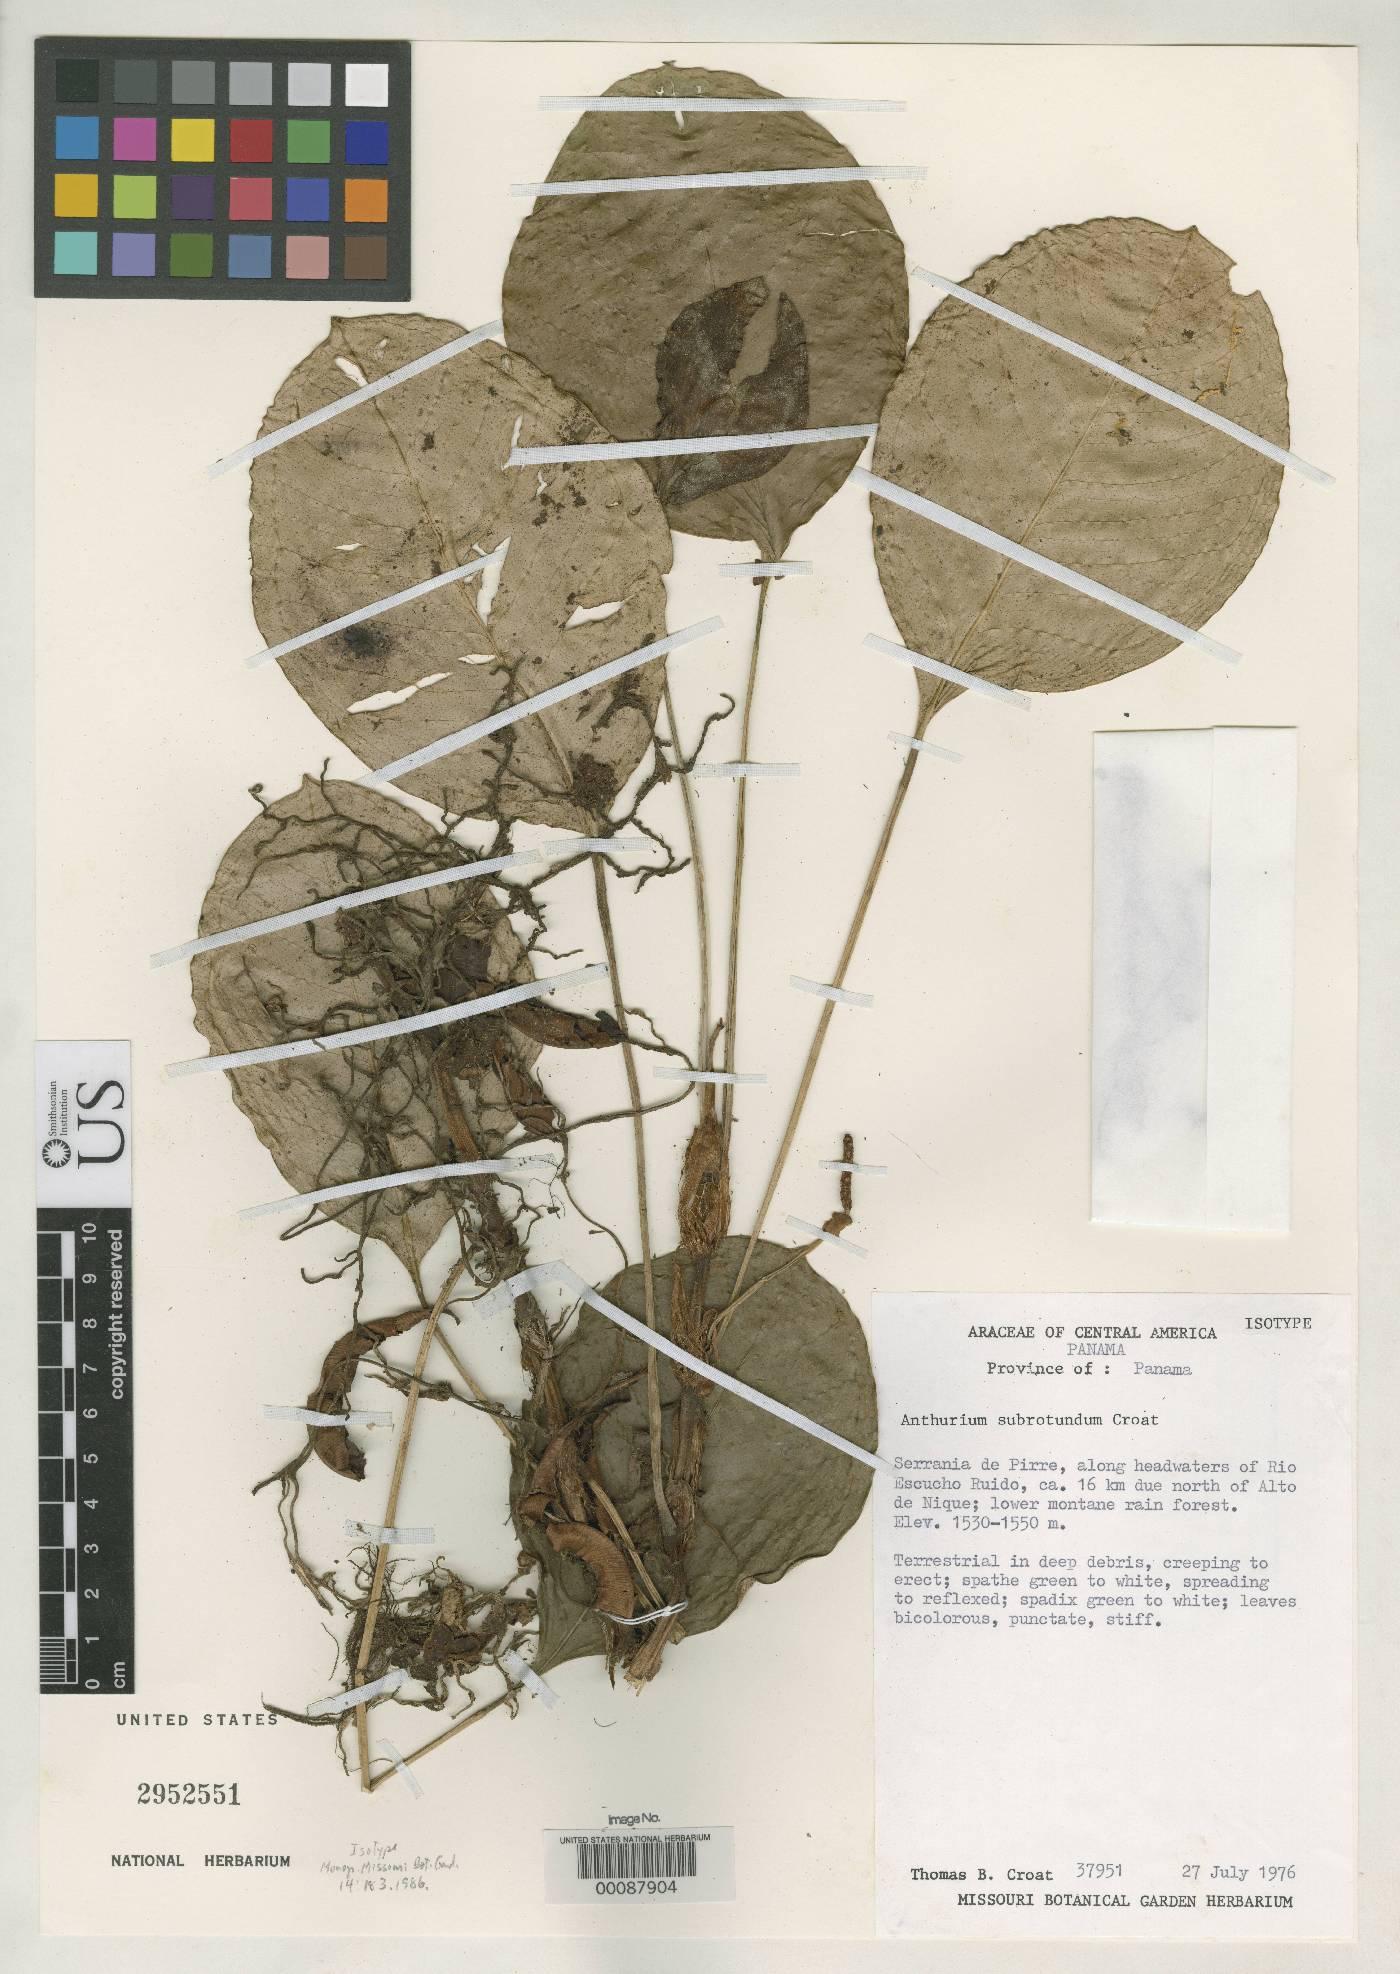 Anthurium subrotundum image